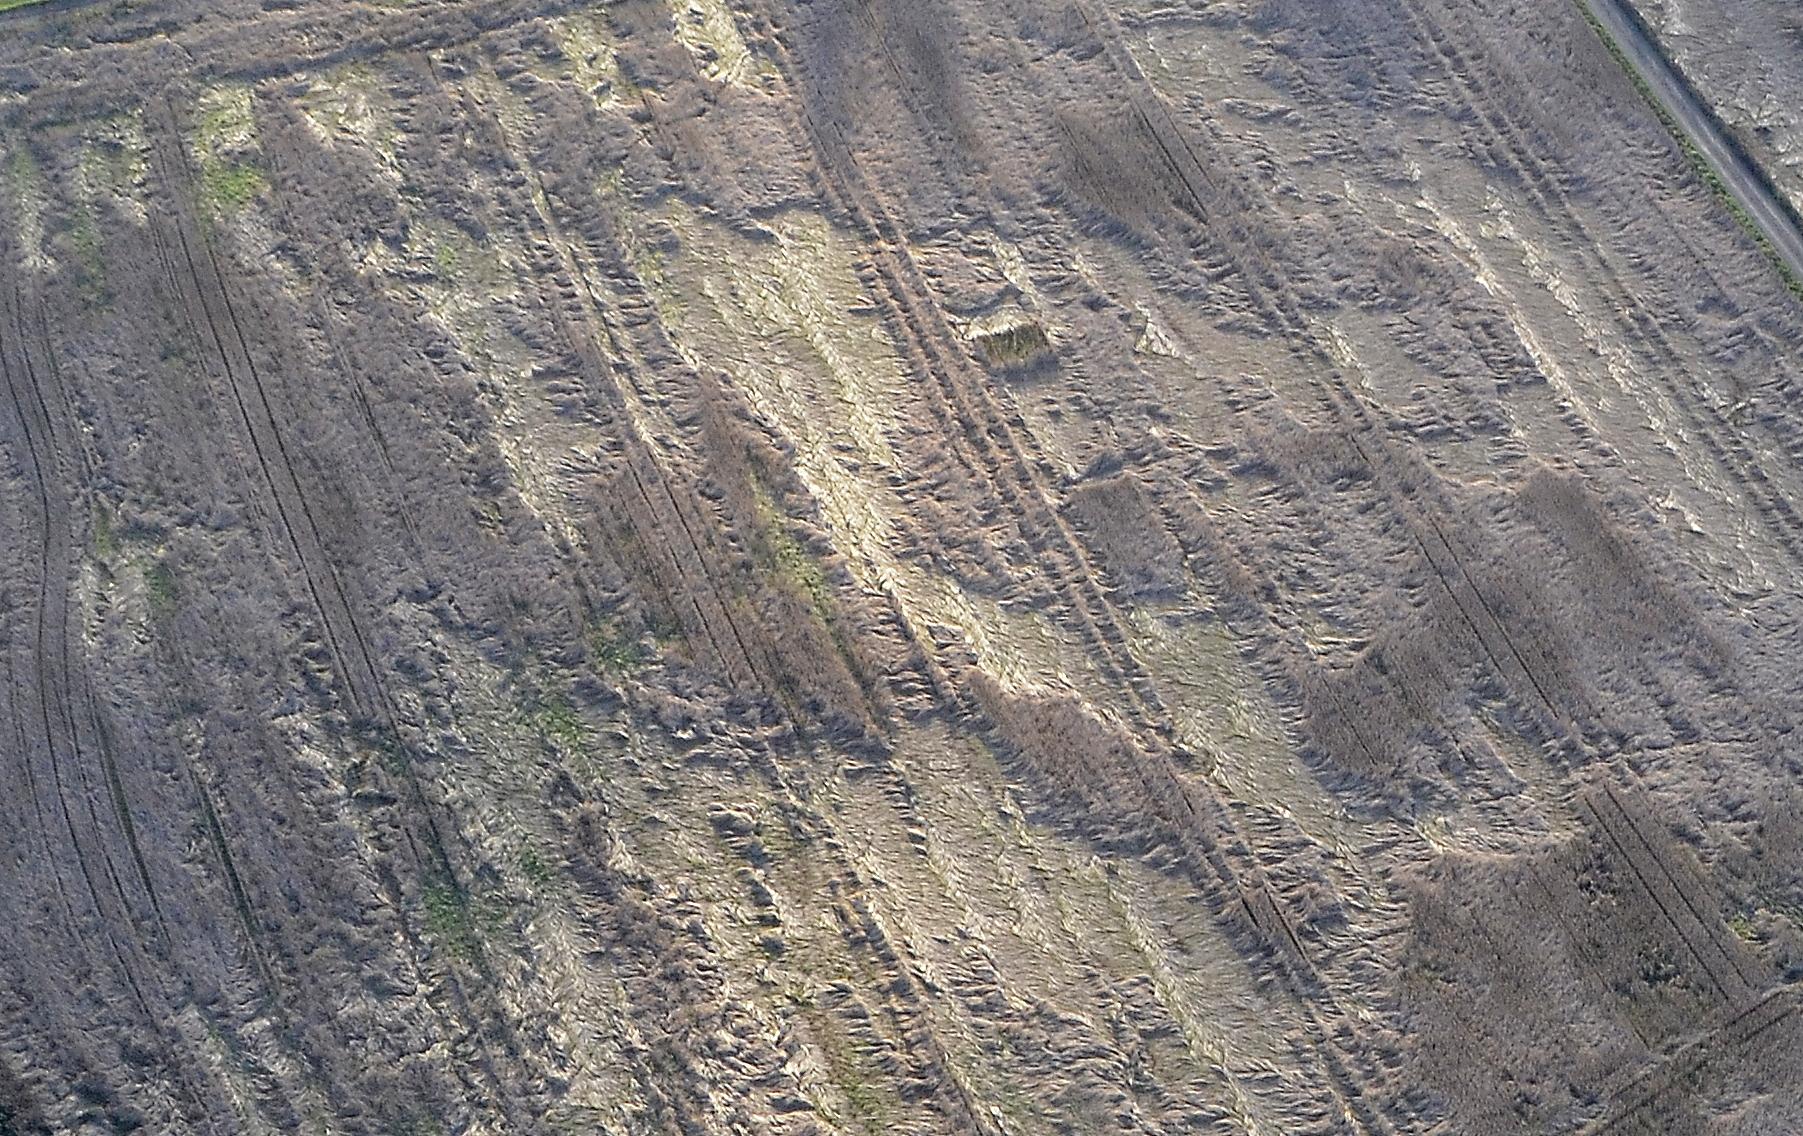 Viikonlopulta pari kuvaa miltä näyttää pahimmillaan puimaton viljapelto tänä syksynä.